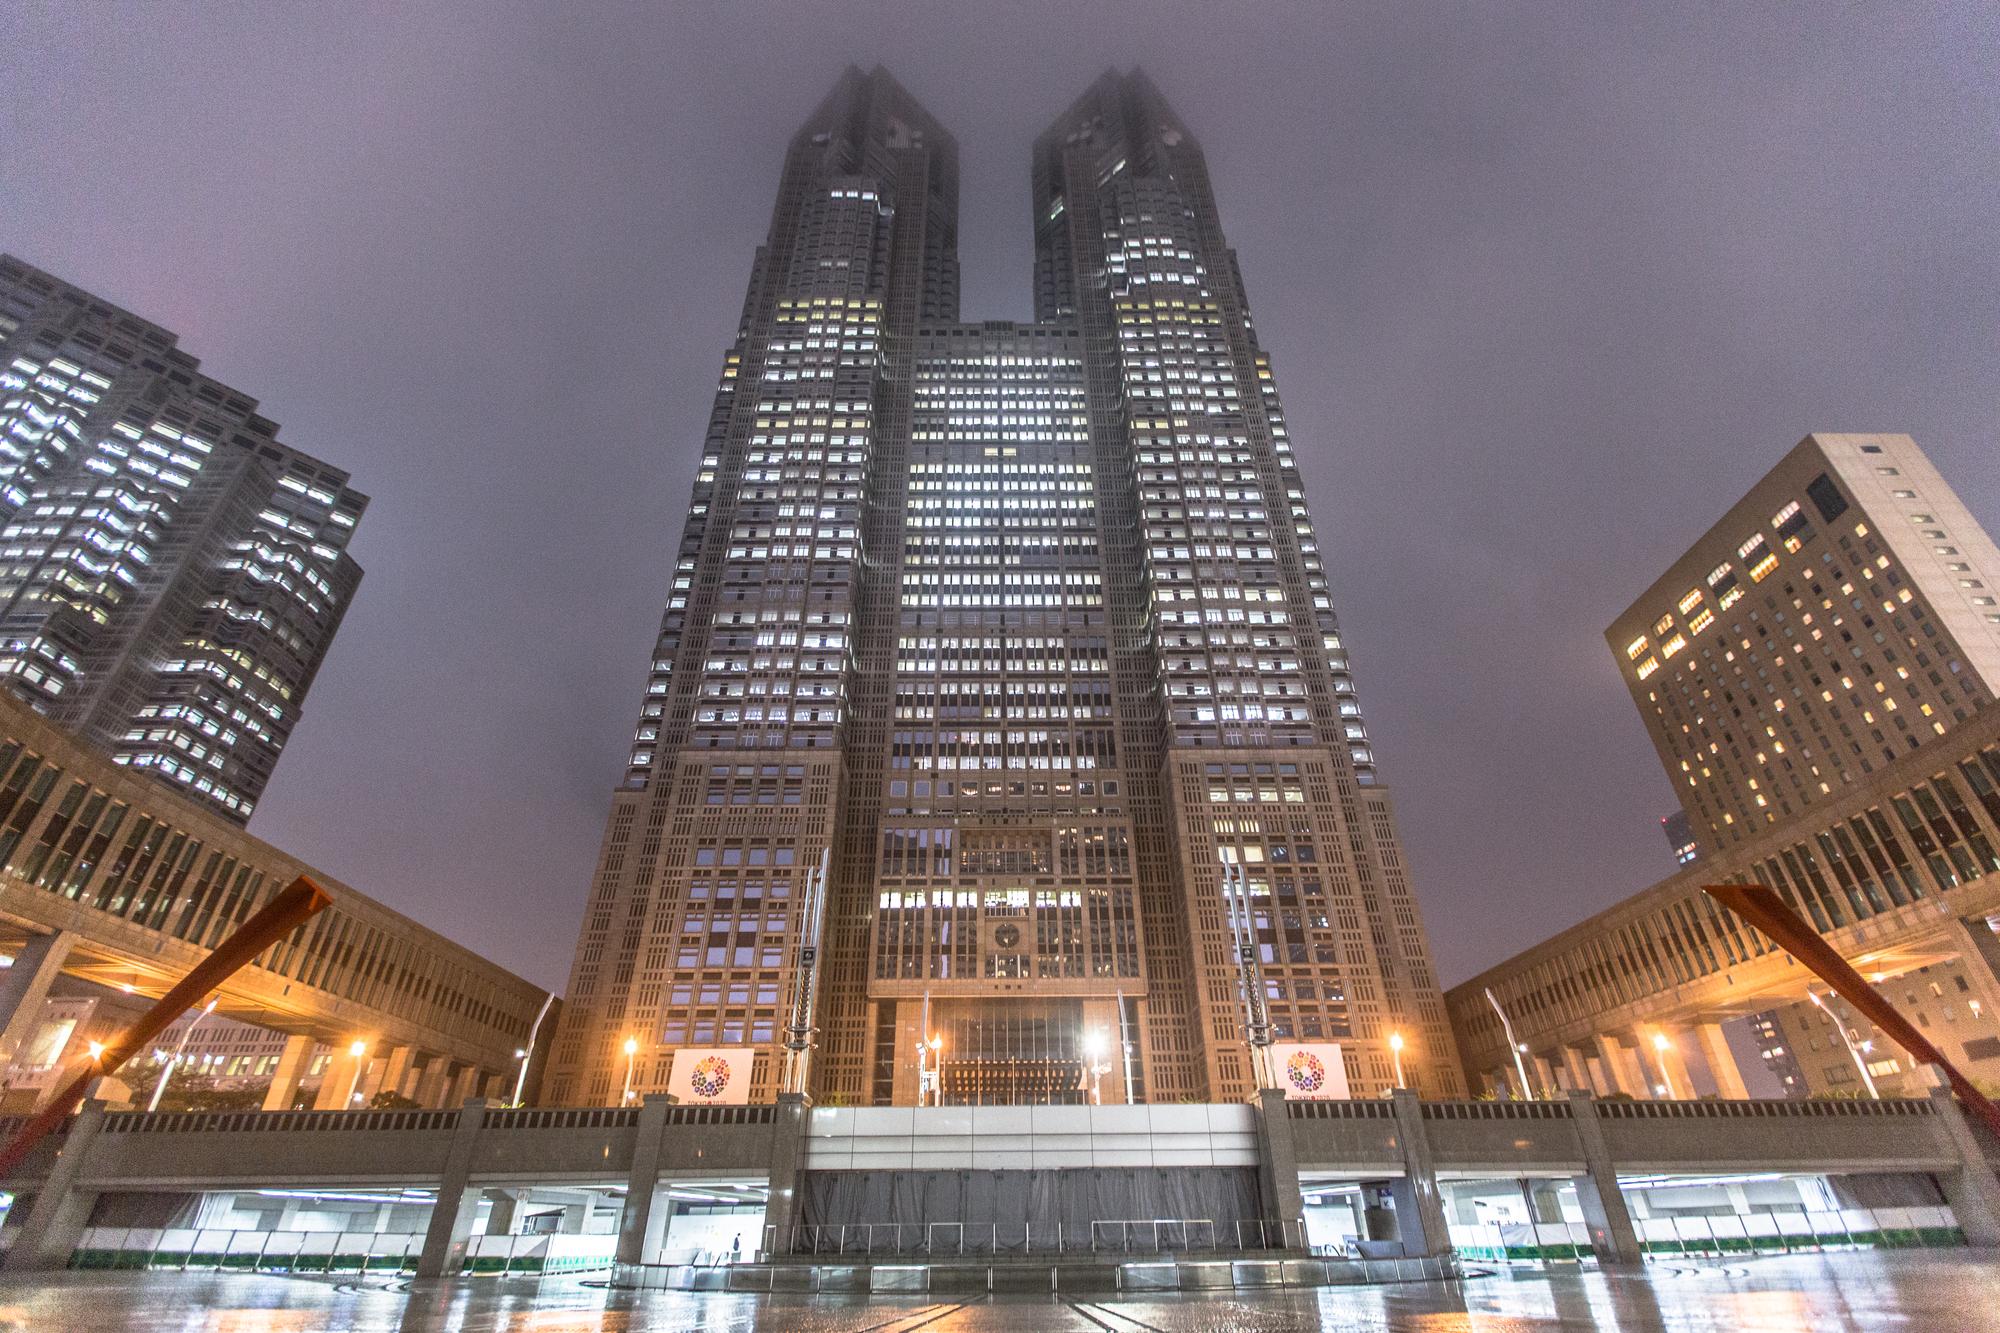 Ad Classics Tokyo Metropolitan Government Building